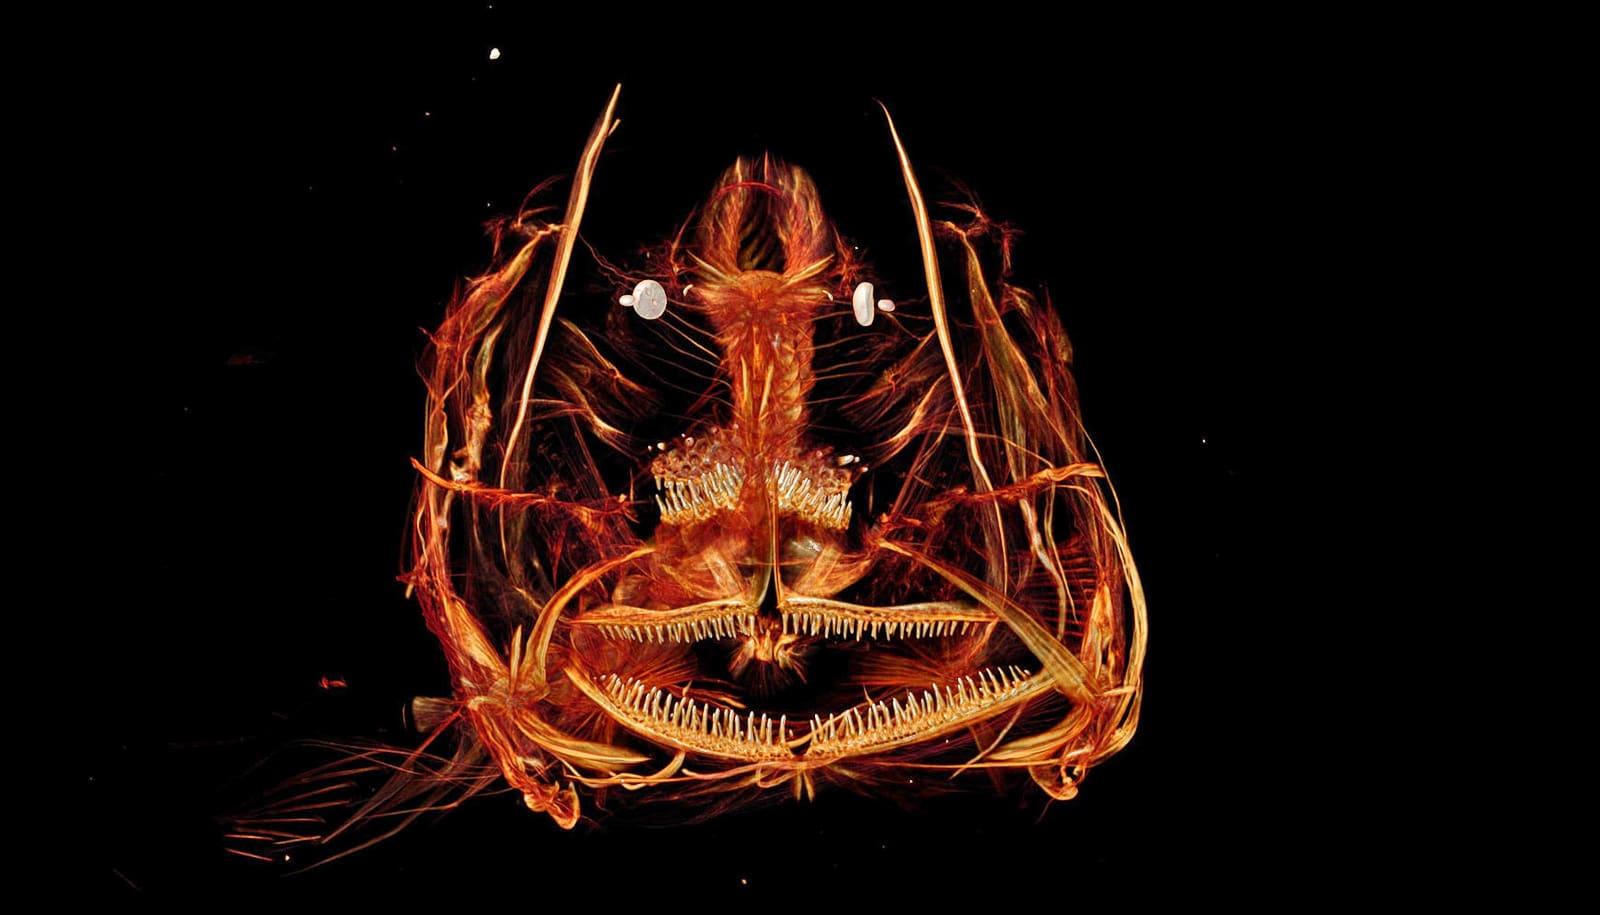 Mariana snailfish face